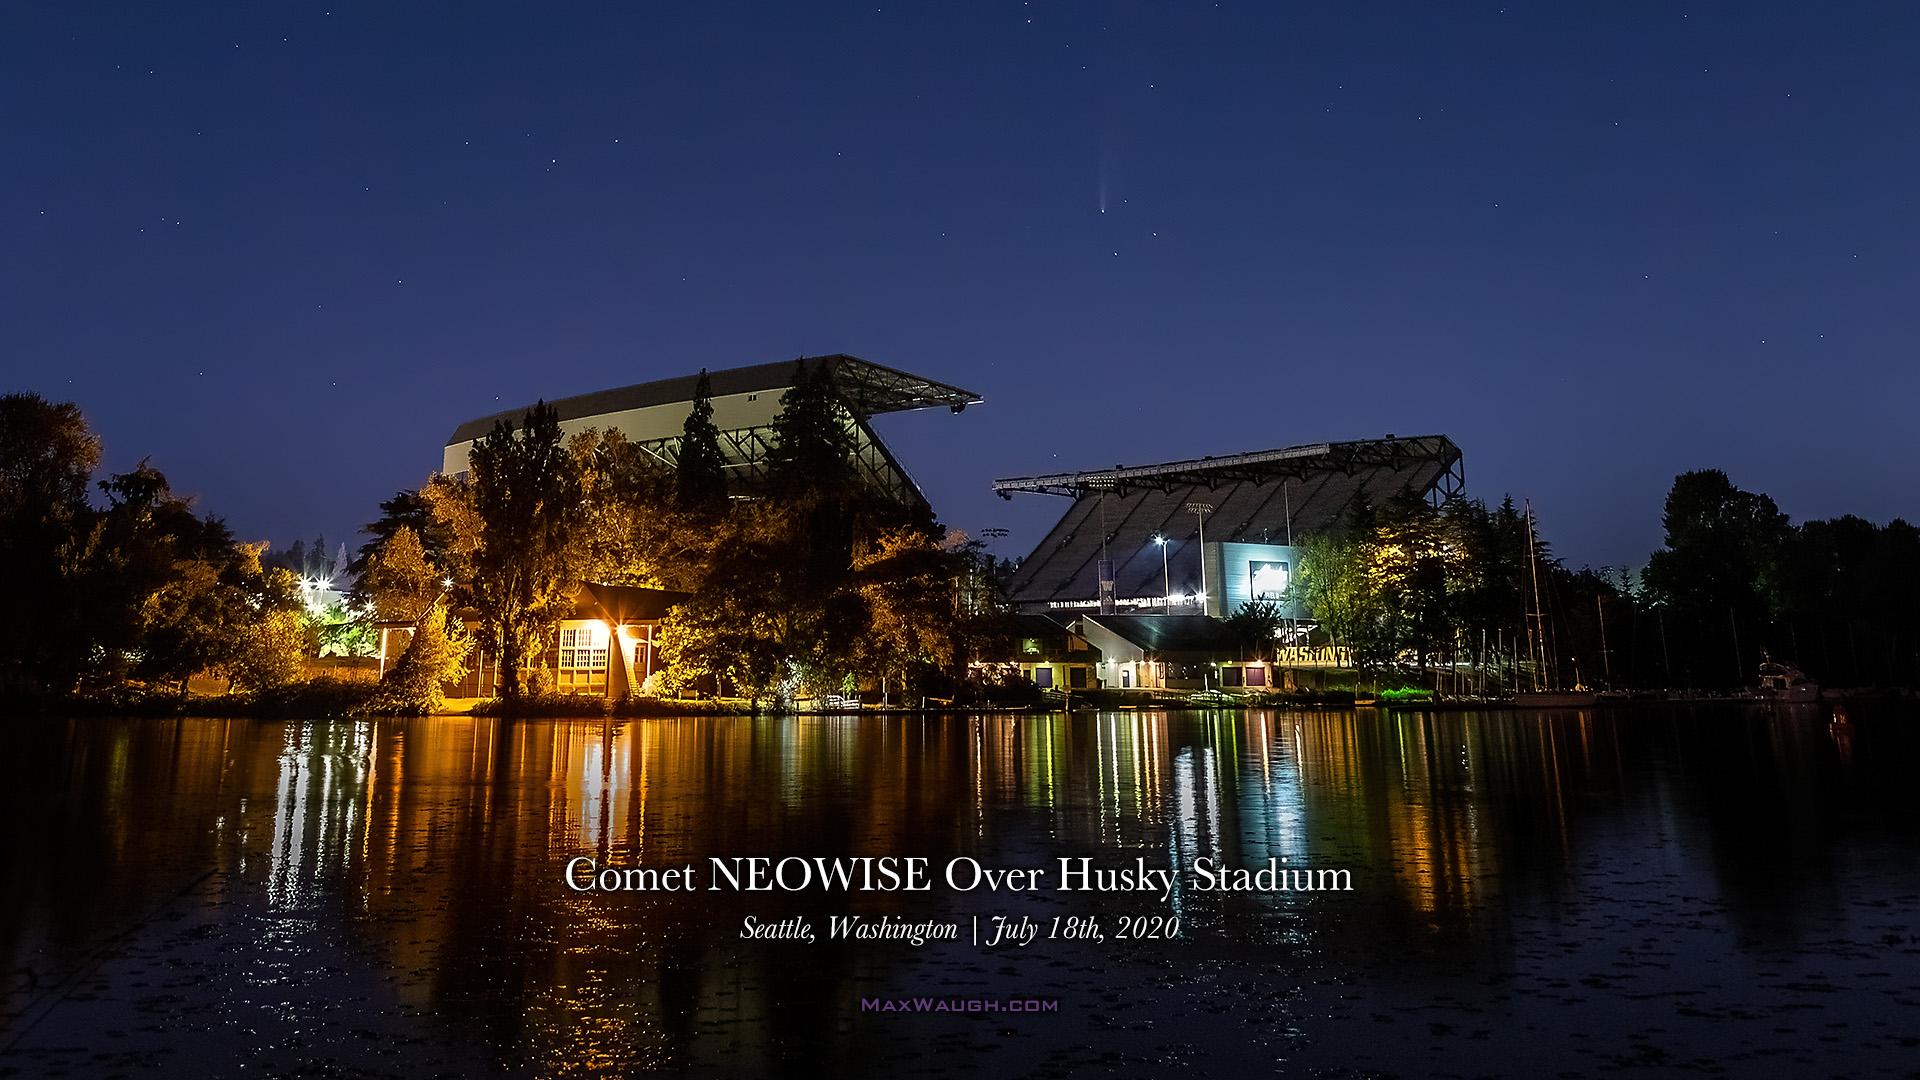 Comet NEOWISE over Husky Stadium desktop wallpaper by Max Waugh